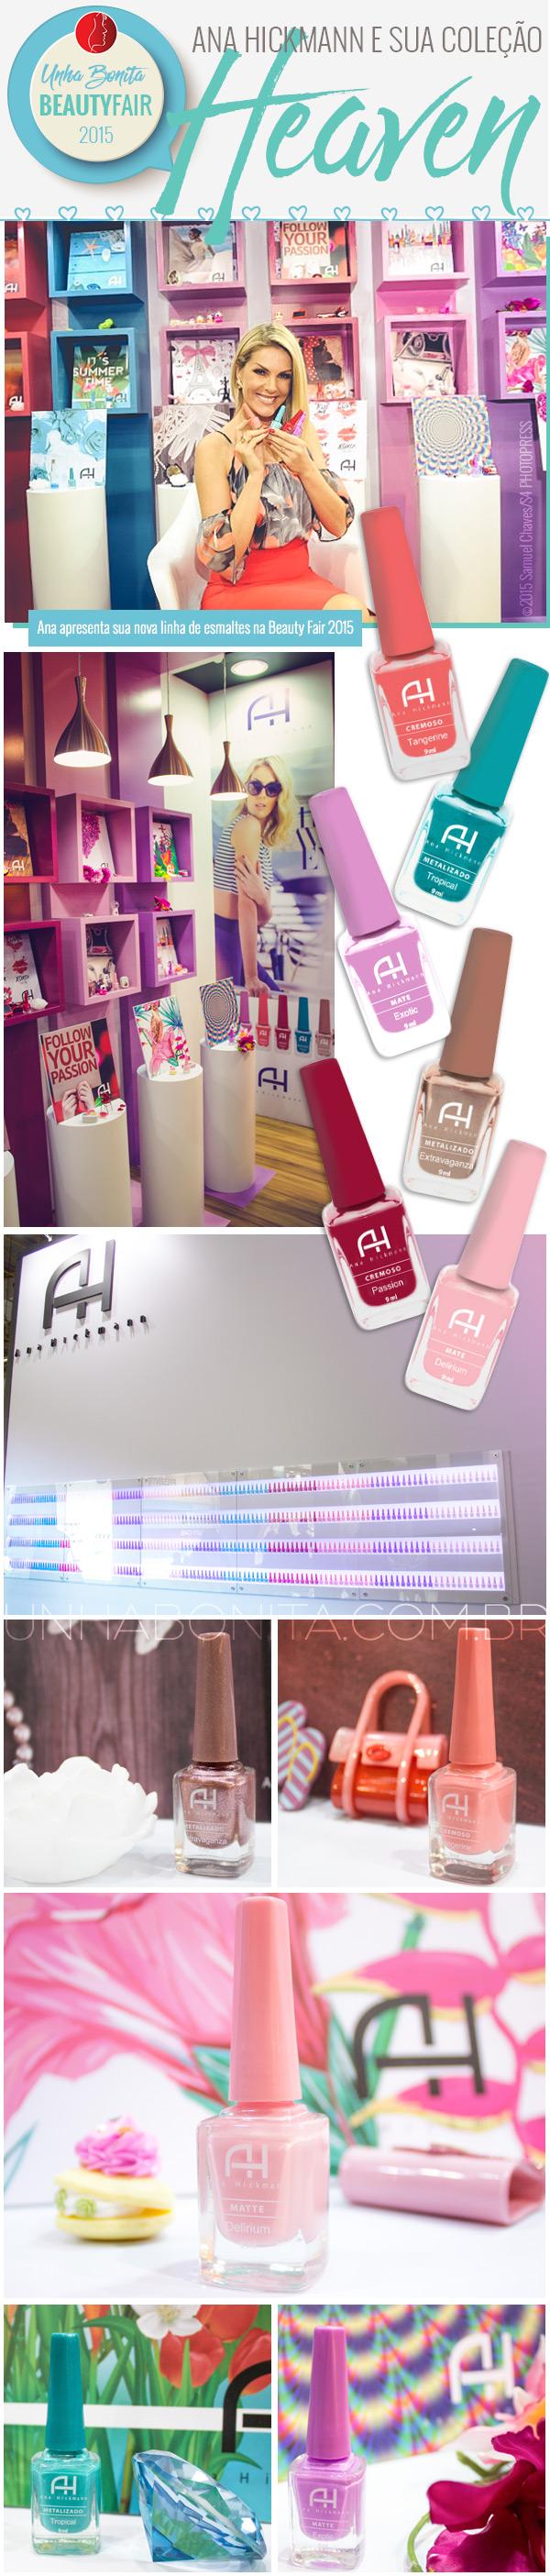 ana-hickmann-esmaltes-heavesn-beauty-fair